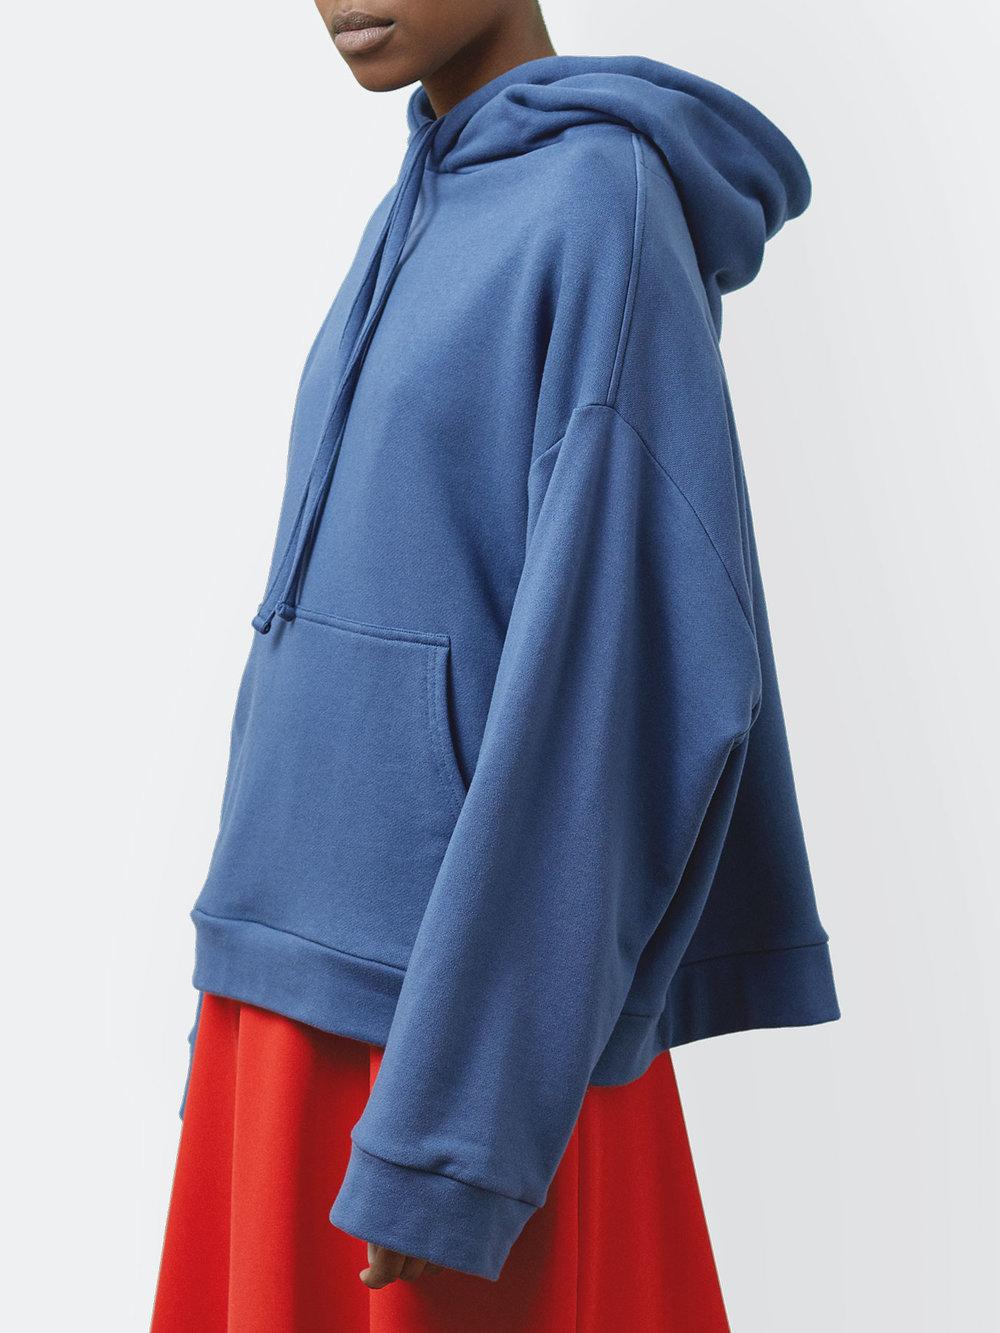 Kemi Wears One DNA Oversized Hoodie in Blue Jean